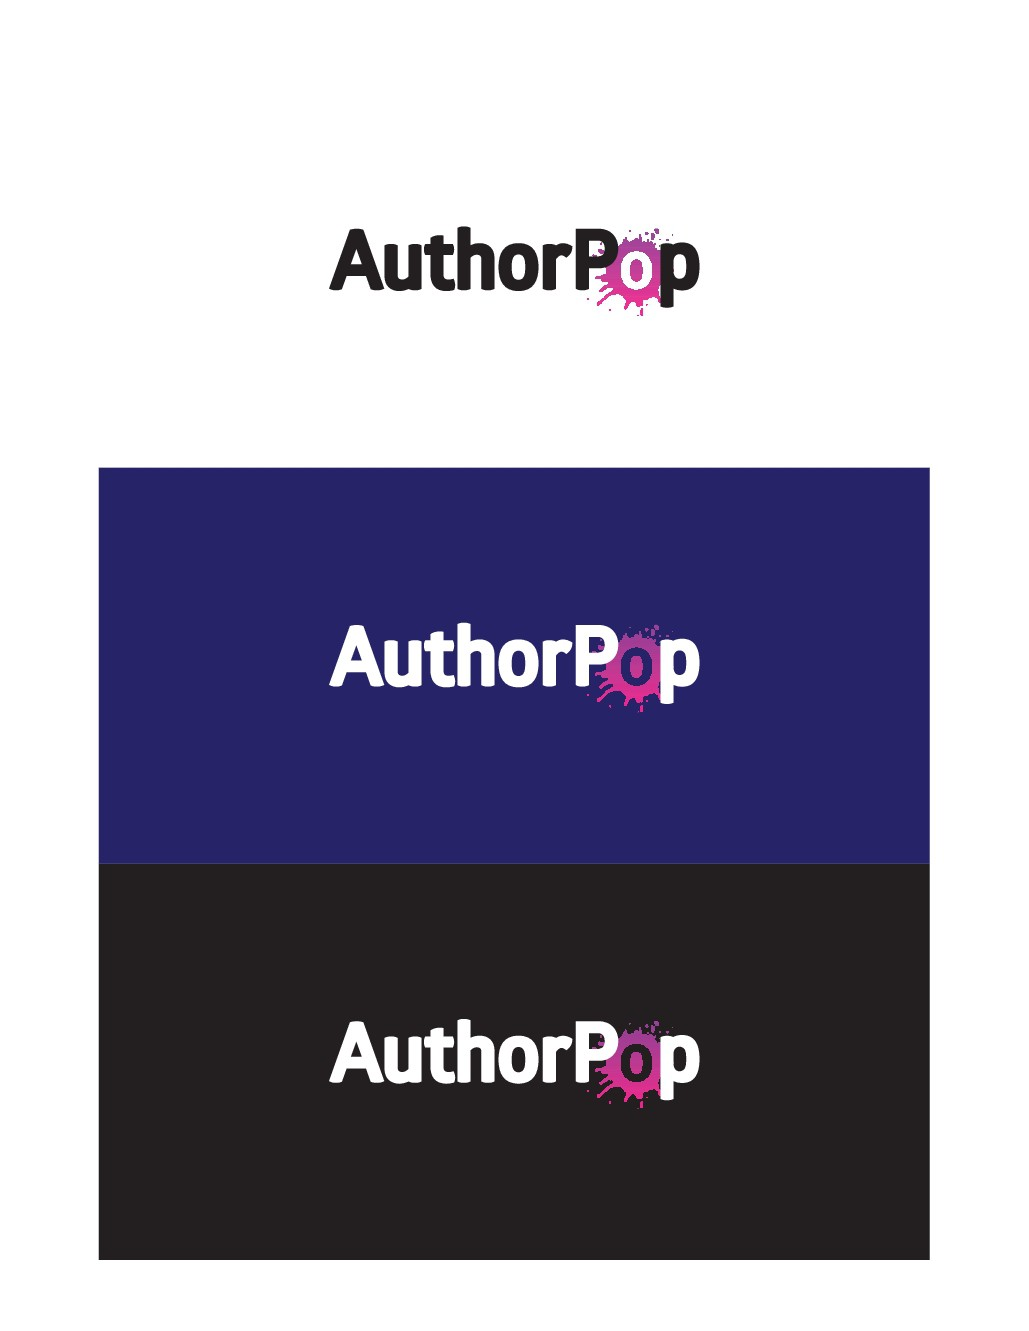 AuthorPop